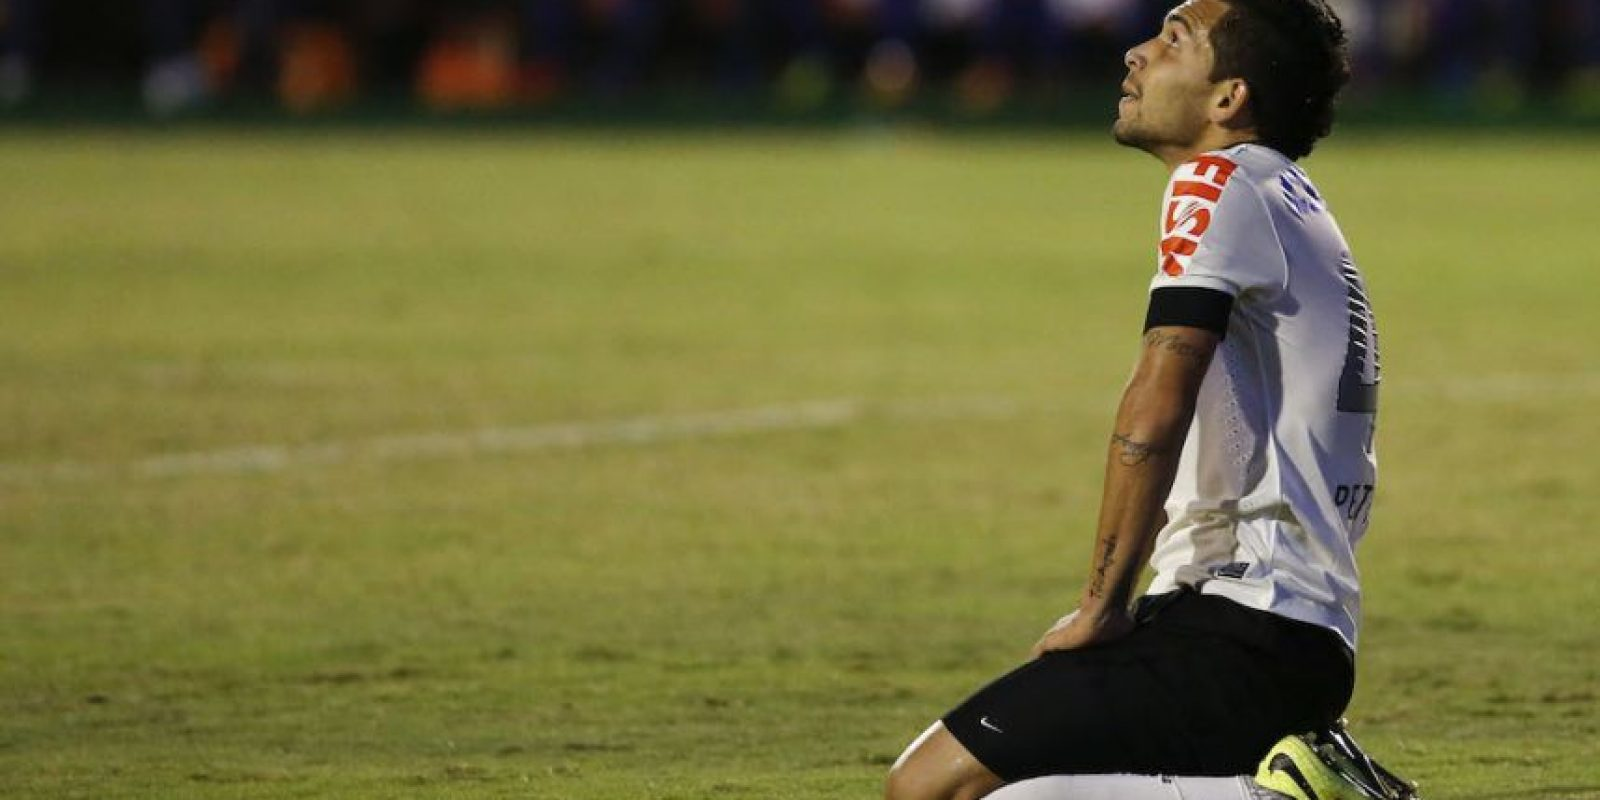 Al momento de disputar un balón en contra de un jugador del Santos, Petros del Corinthians empujó al colegiado. Fue el Tribunal Superior de Justicia Deportiva quien lo sancionó. Foto:Getty Images